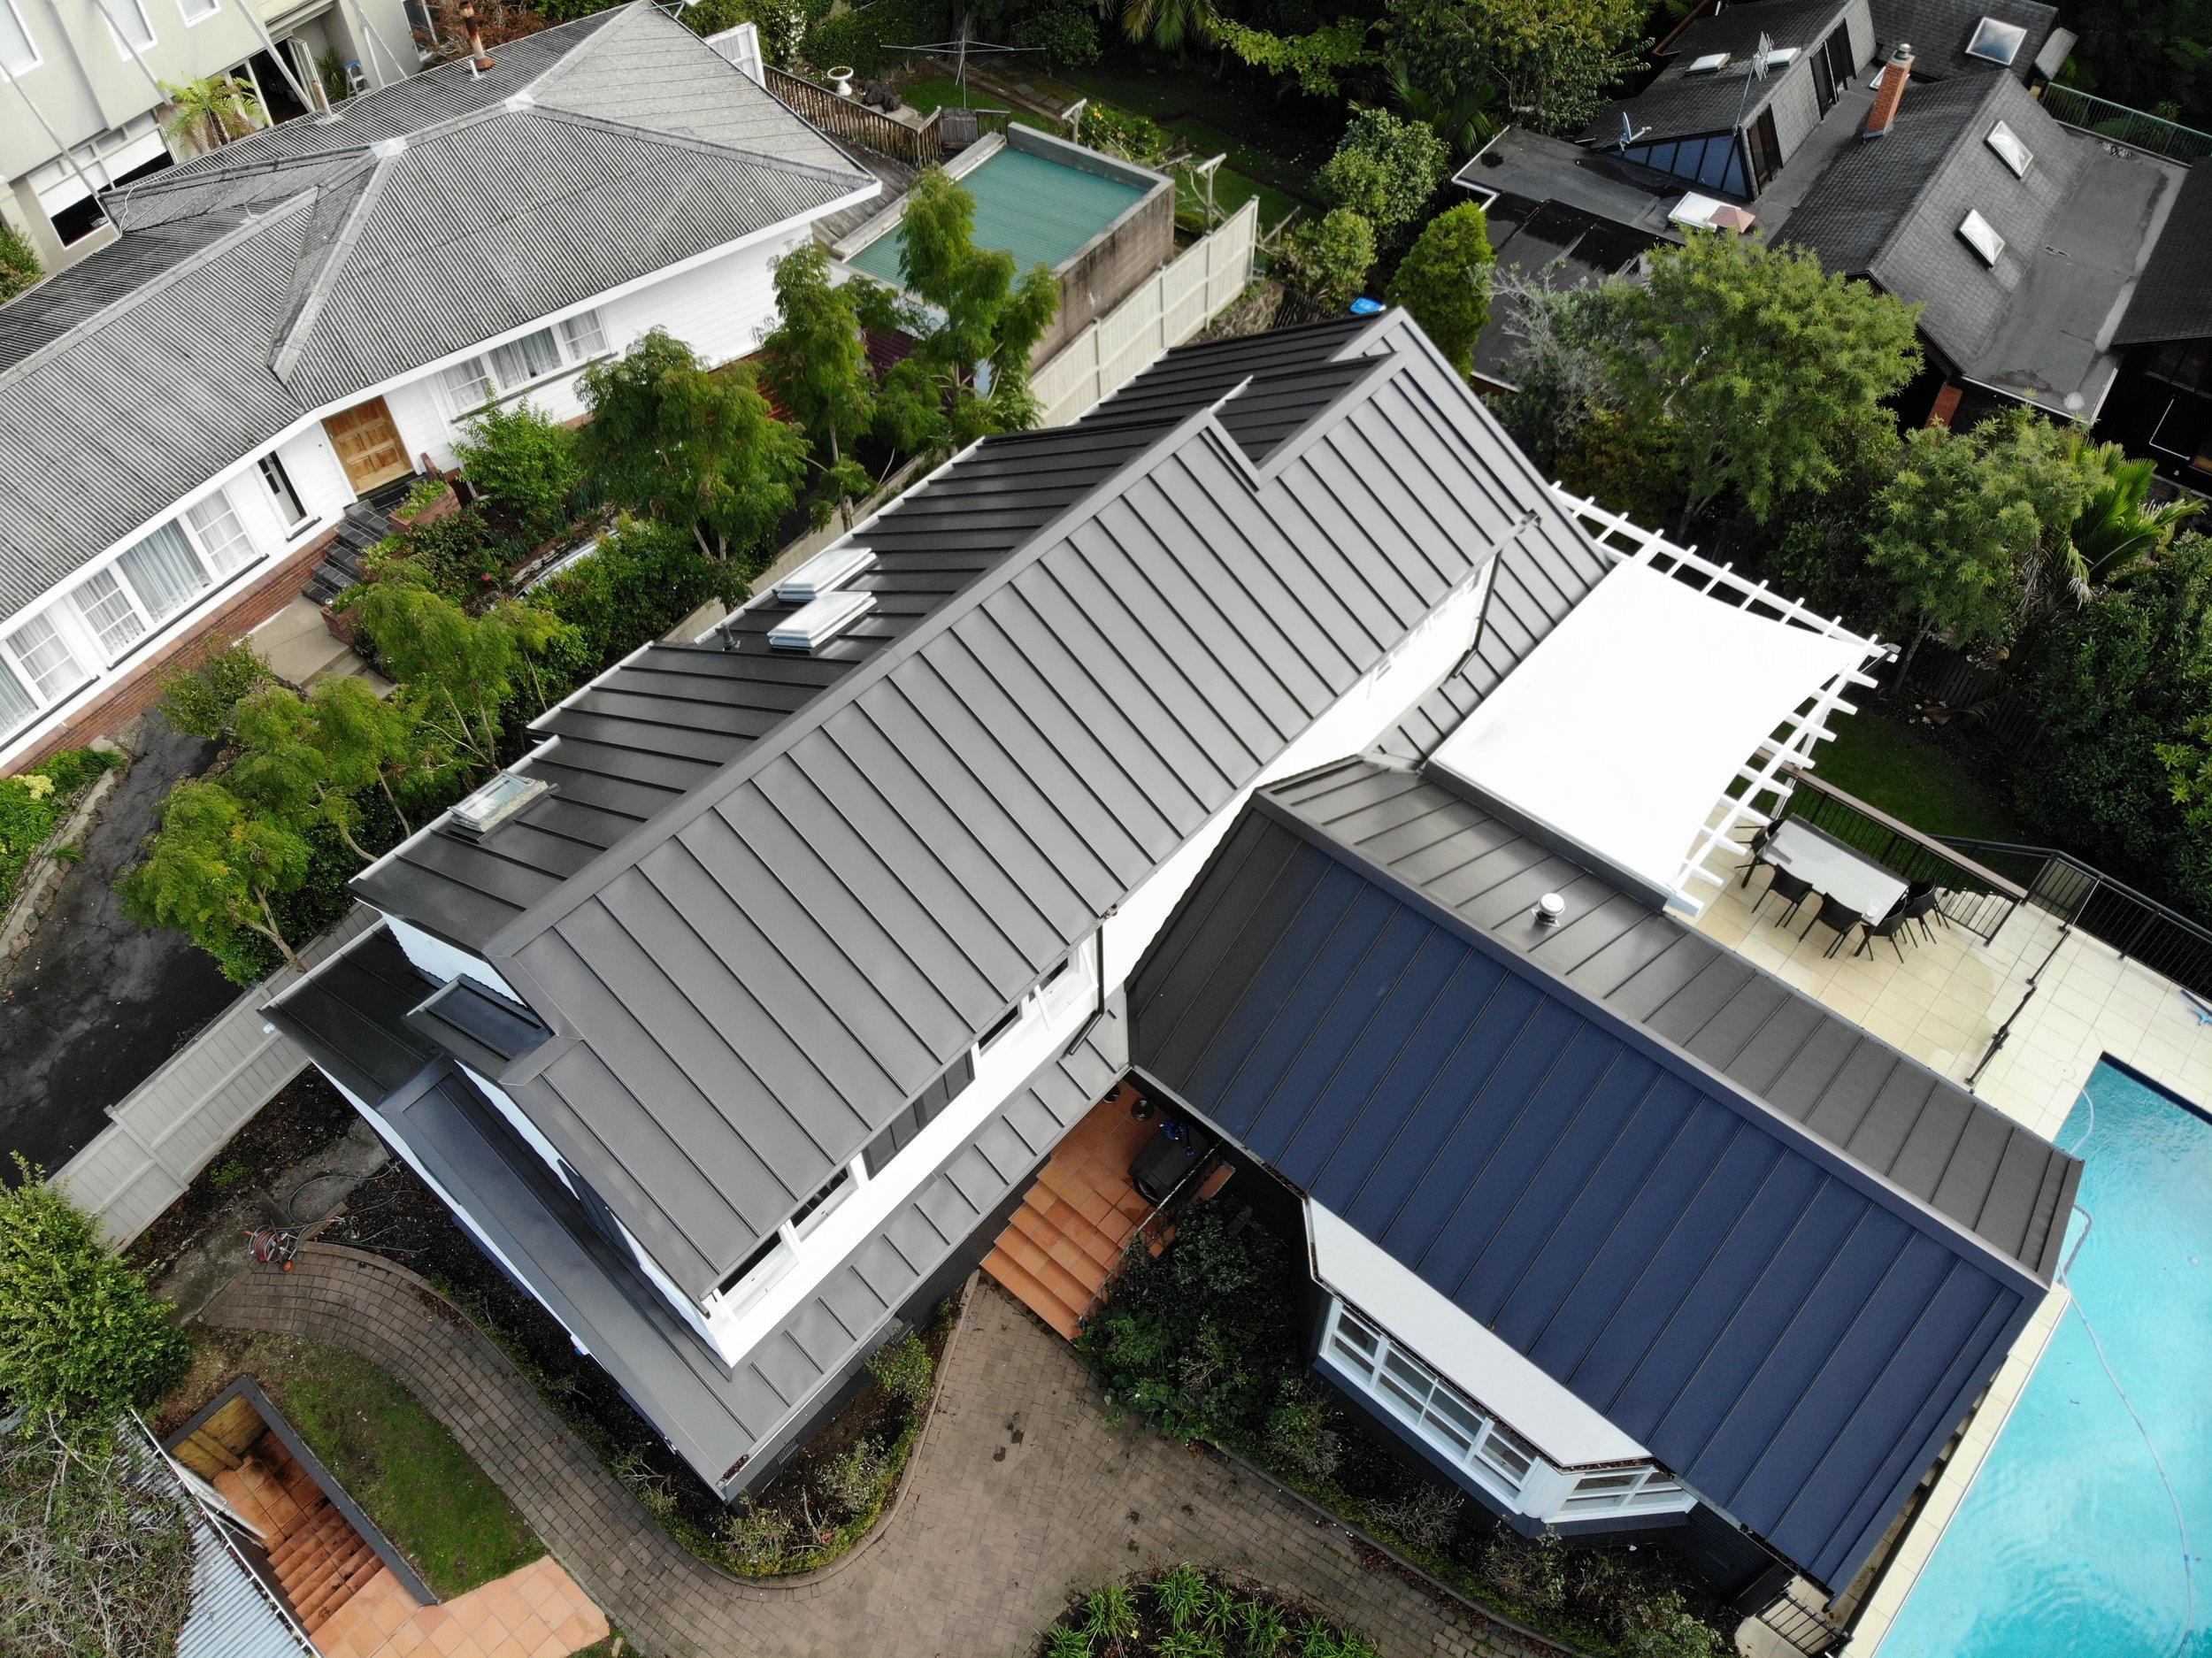 The-Roofing-Store-Steel-Metal-Super-Seam-450-Grey-Friars-1.jpg.jpg